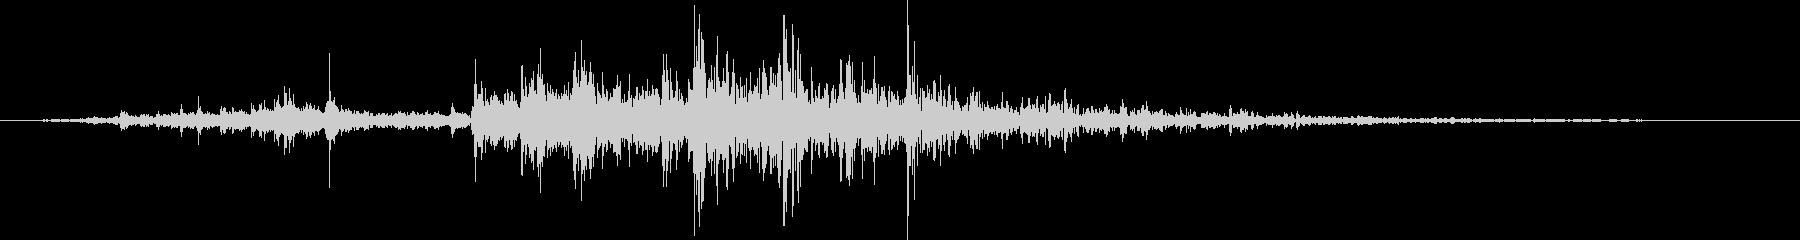 ダンジョンドア:チェインキャッスル...の未再生の波形